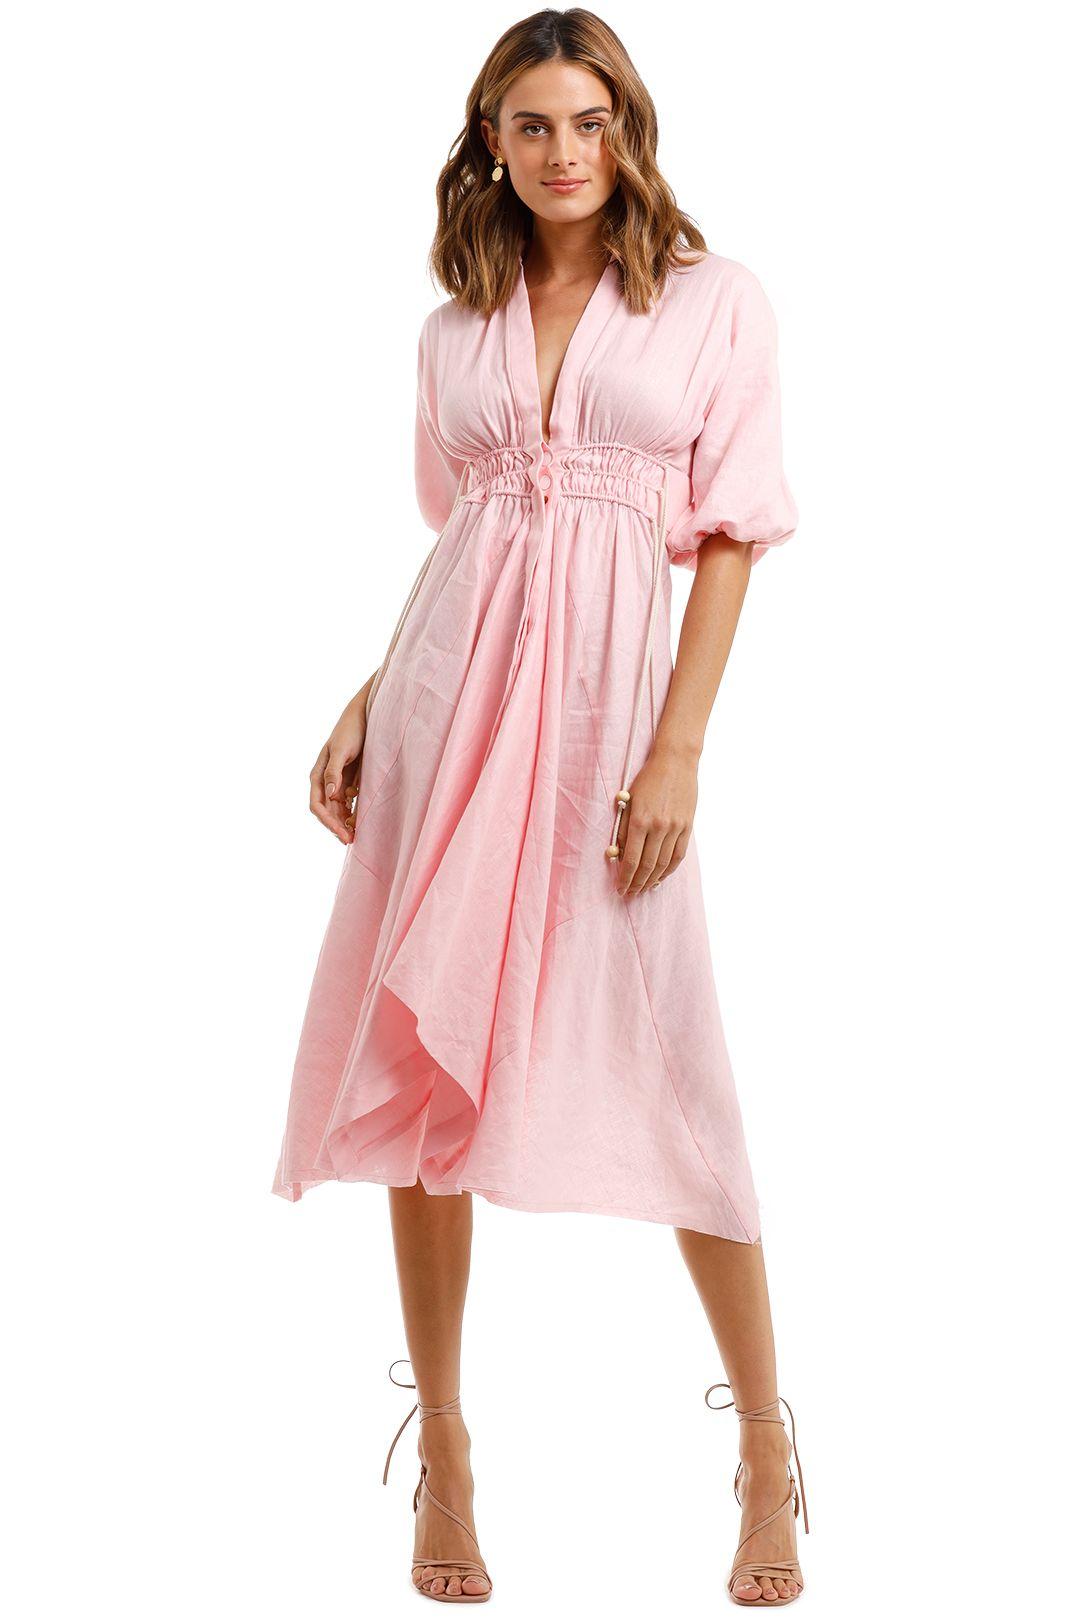 KITX Hemp Is Future Dress Pink v neck